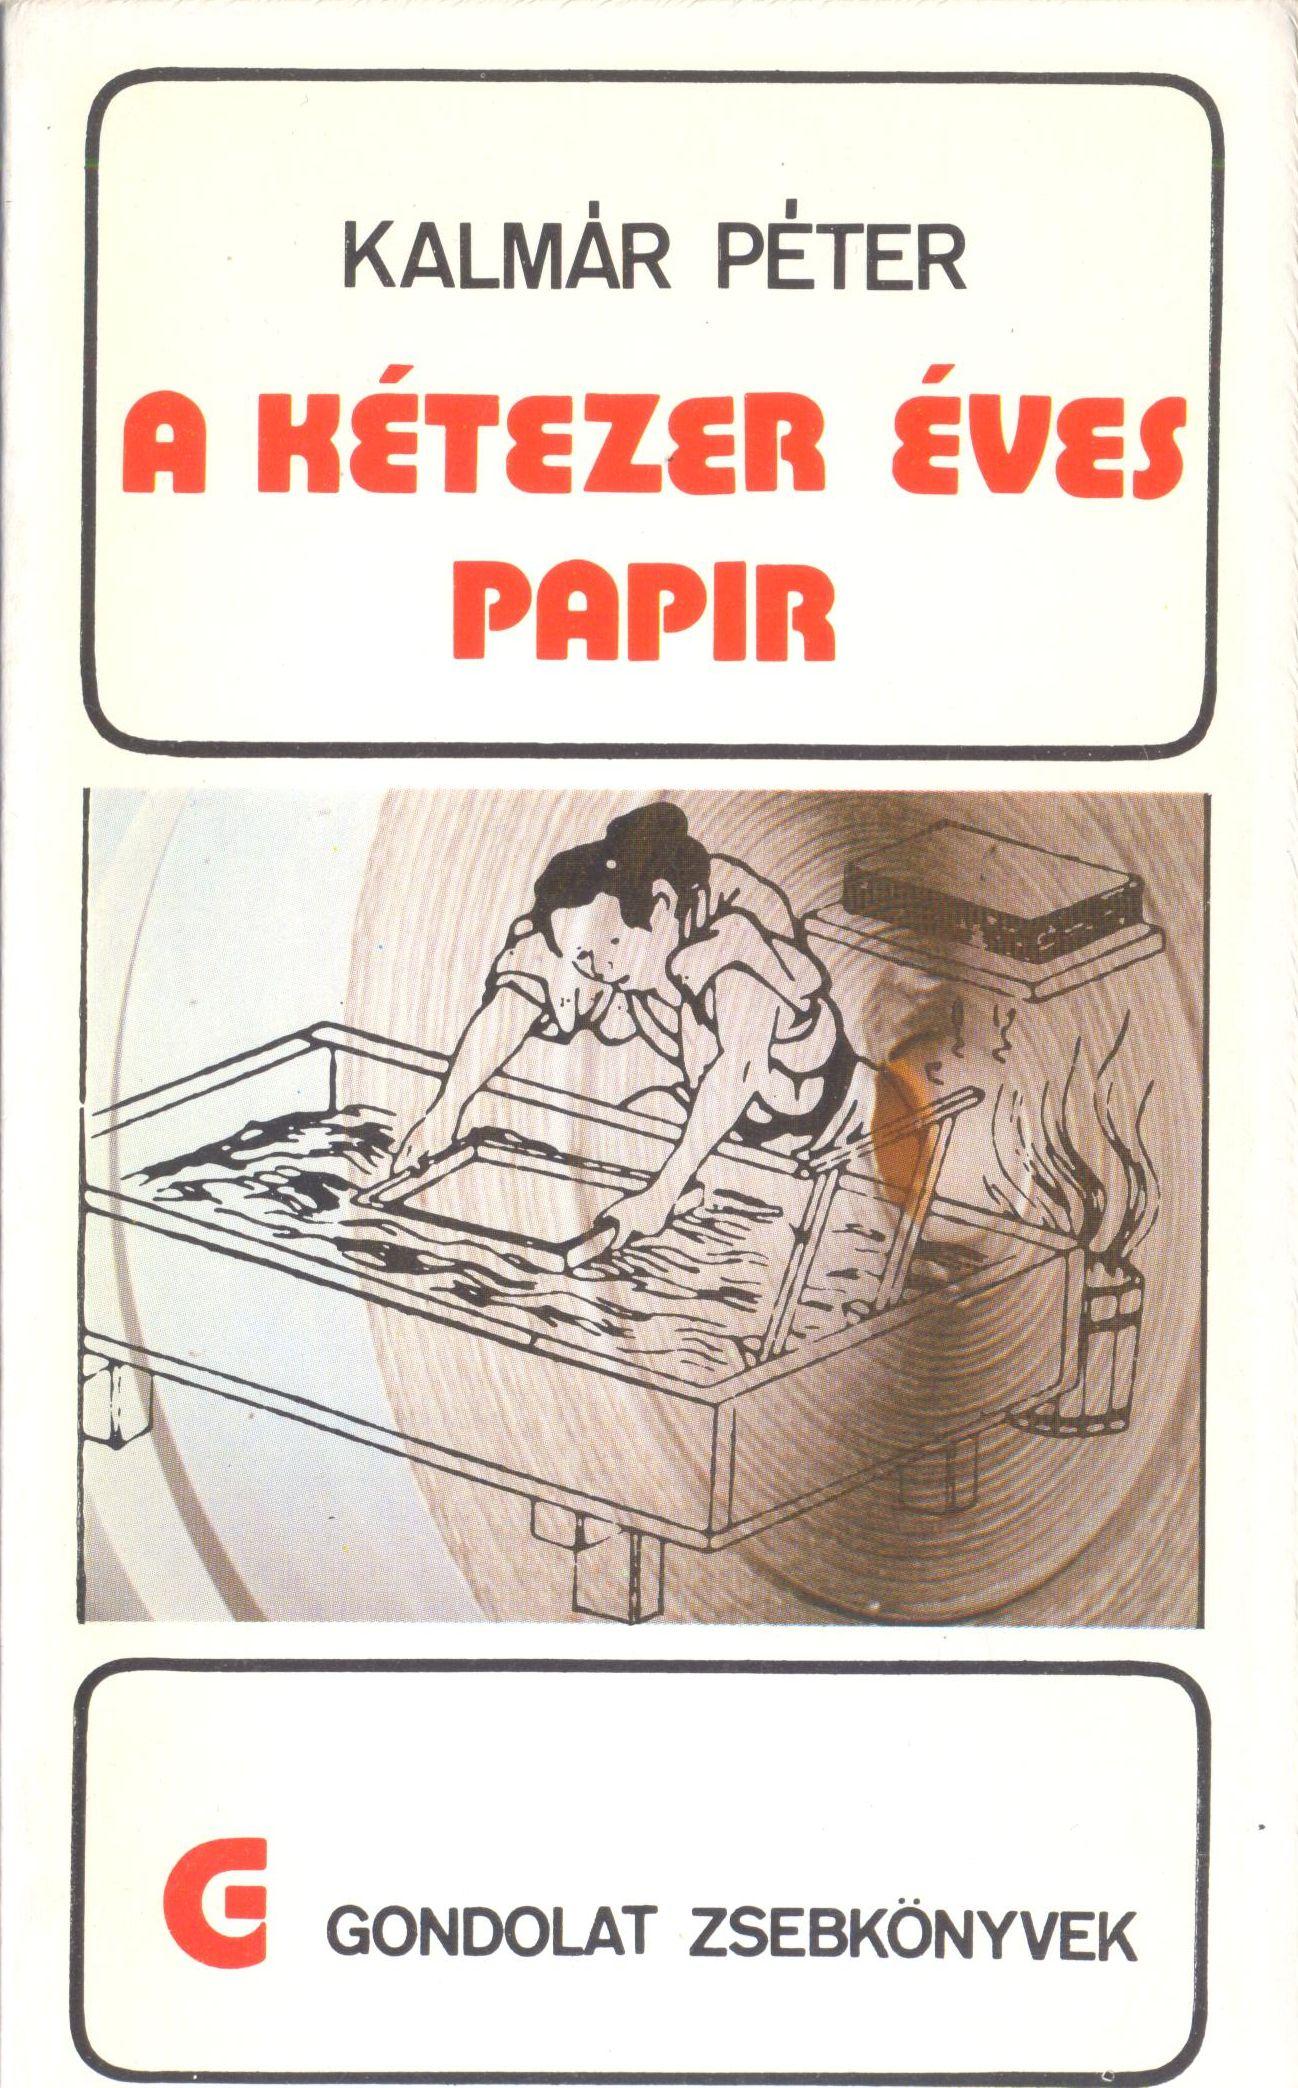 Kalmár Péter: A kétezer éves papír